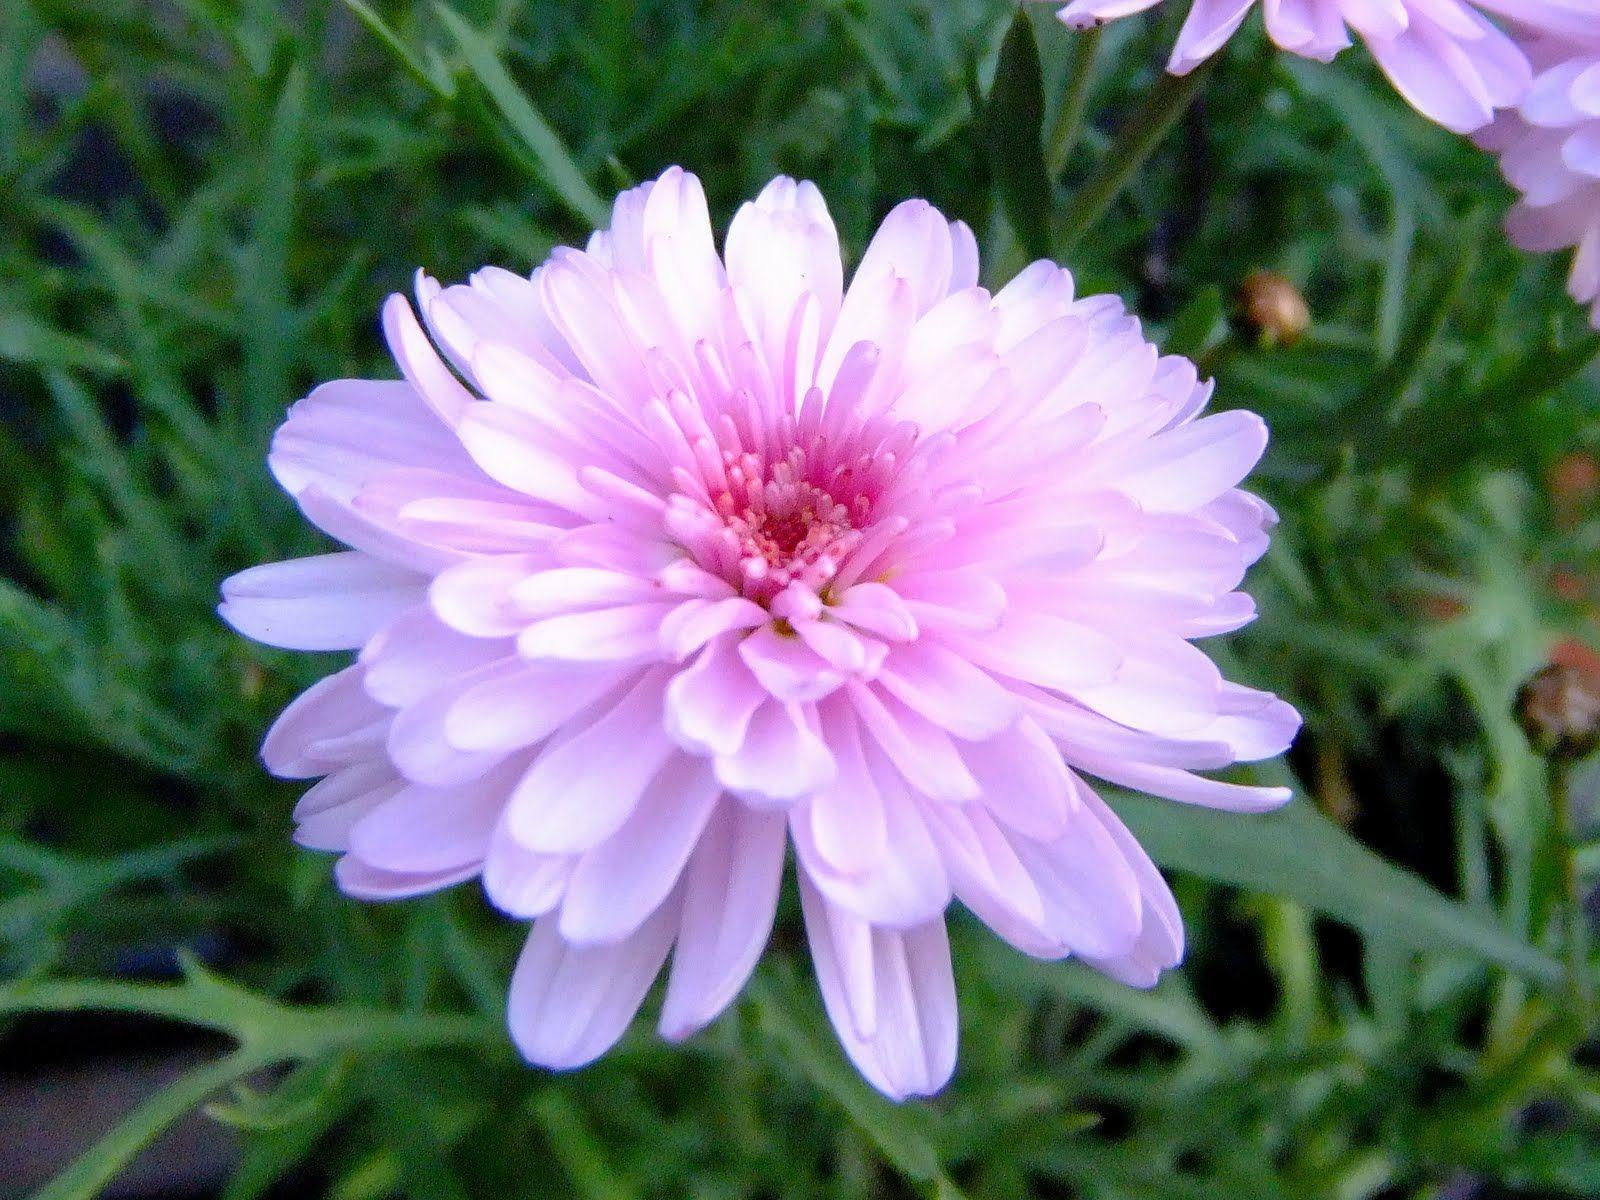 Argyranthemum cotton candy marguerite daisy light pink double argyranthemum cotton candy marguerite daisy light pink double flowers google search izmirmasajfo